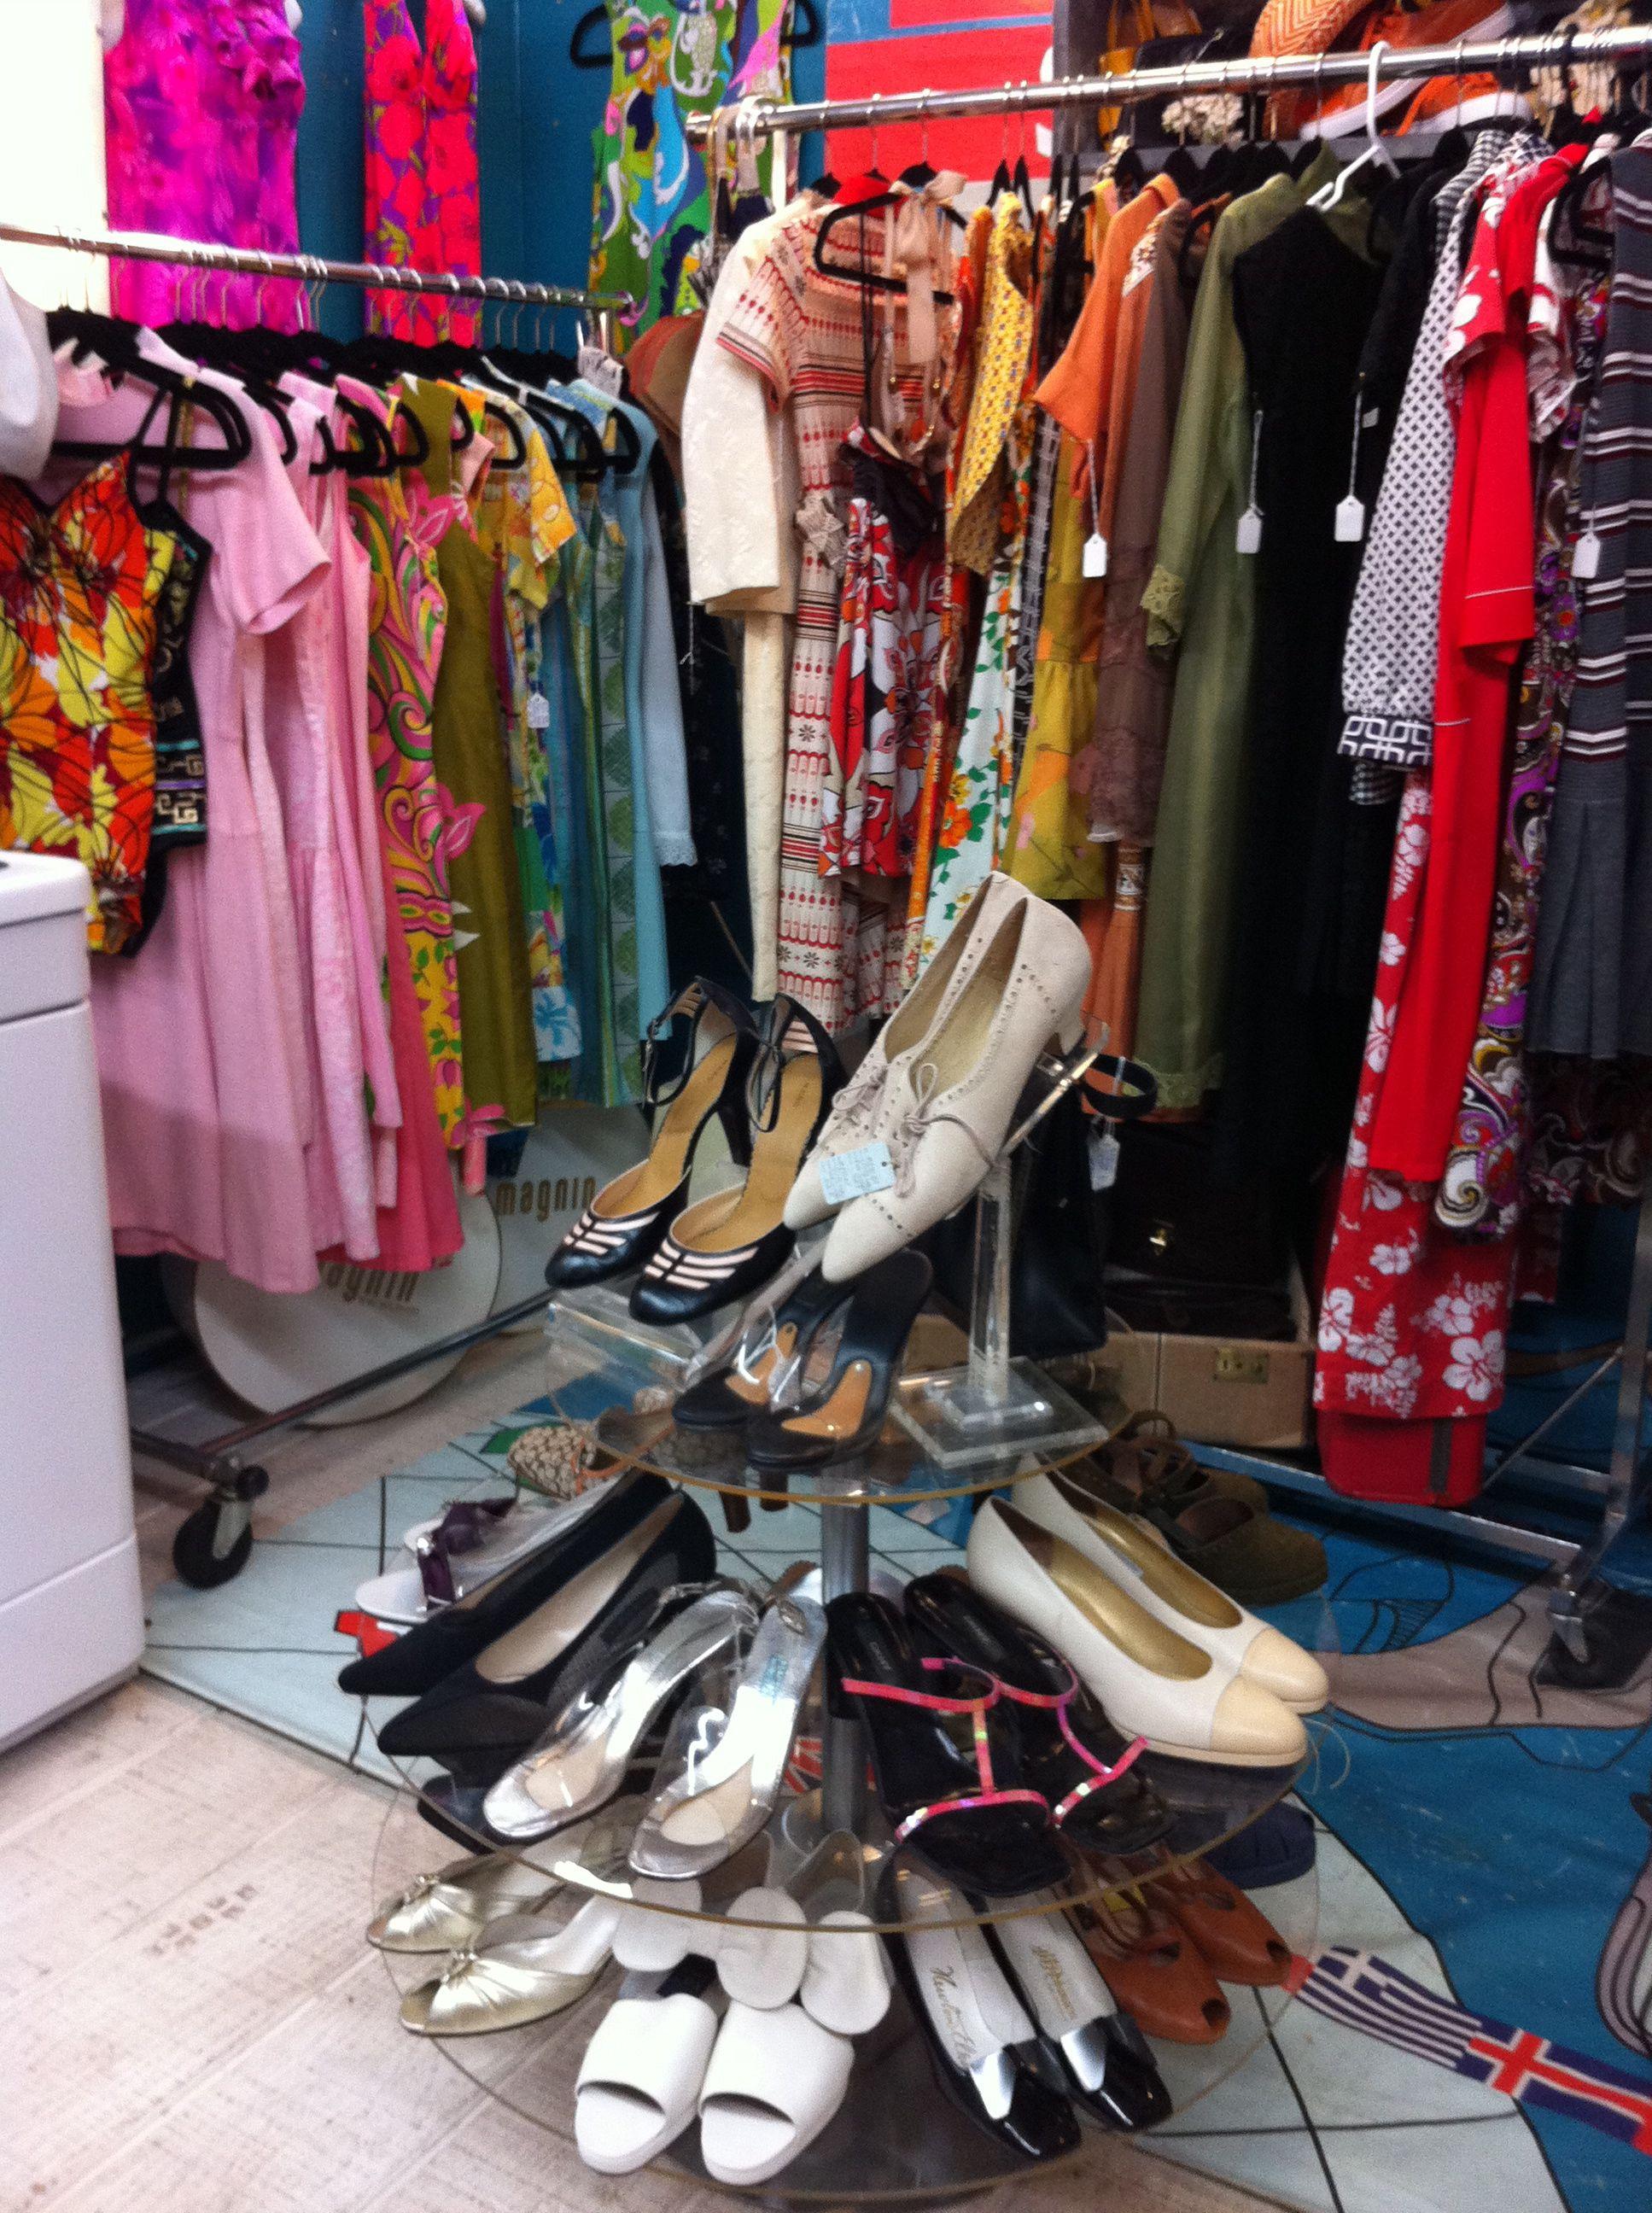 My Vintage Clothing Booth Decorar Tiendas De Ropa Tiendas De Ropa Ropa